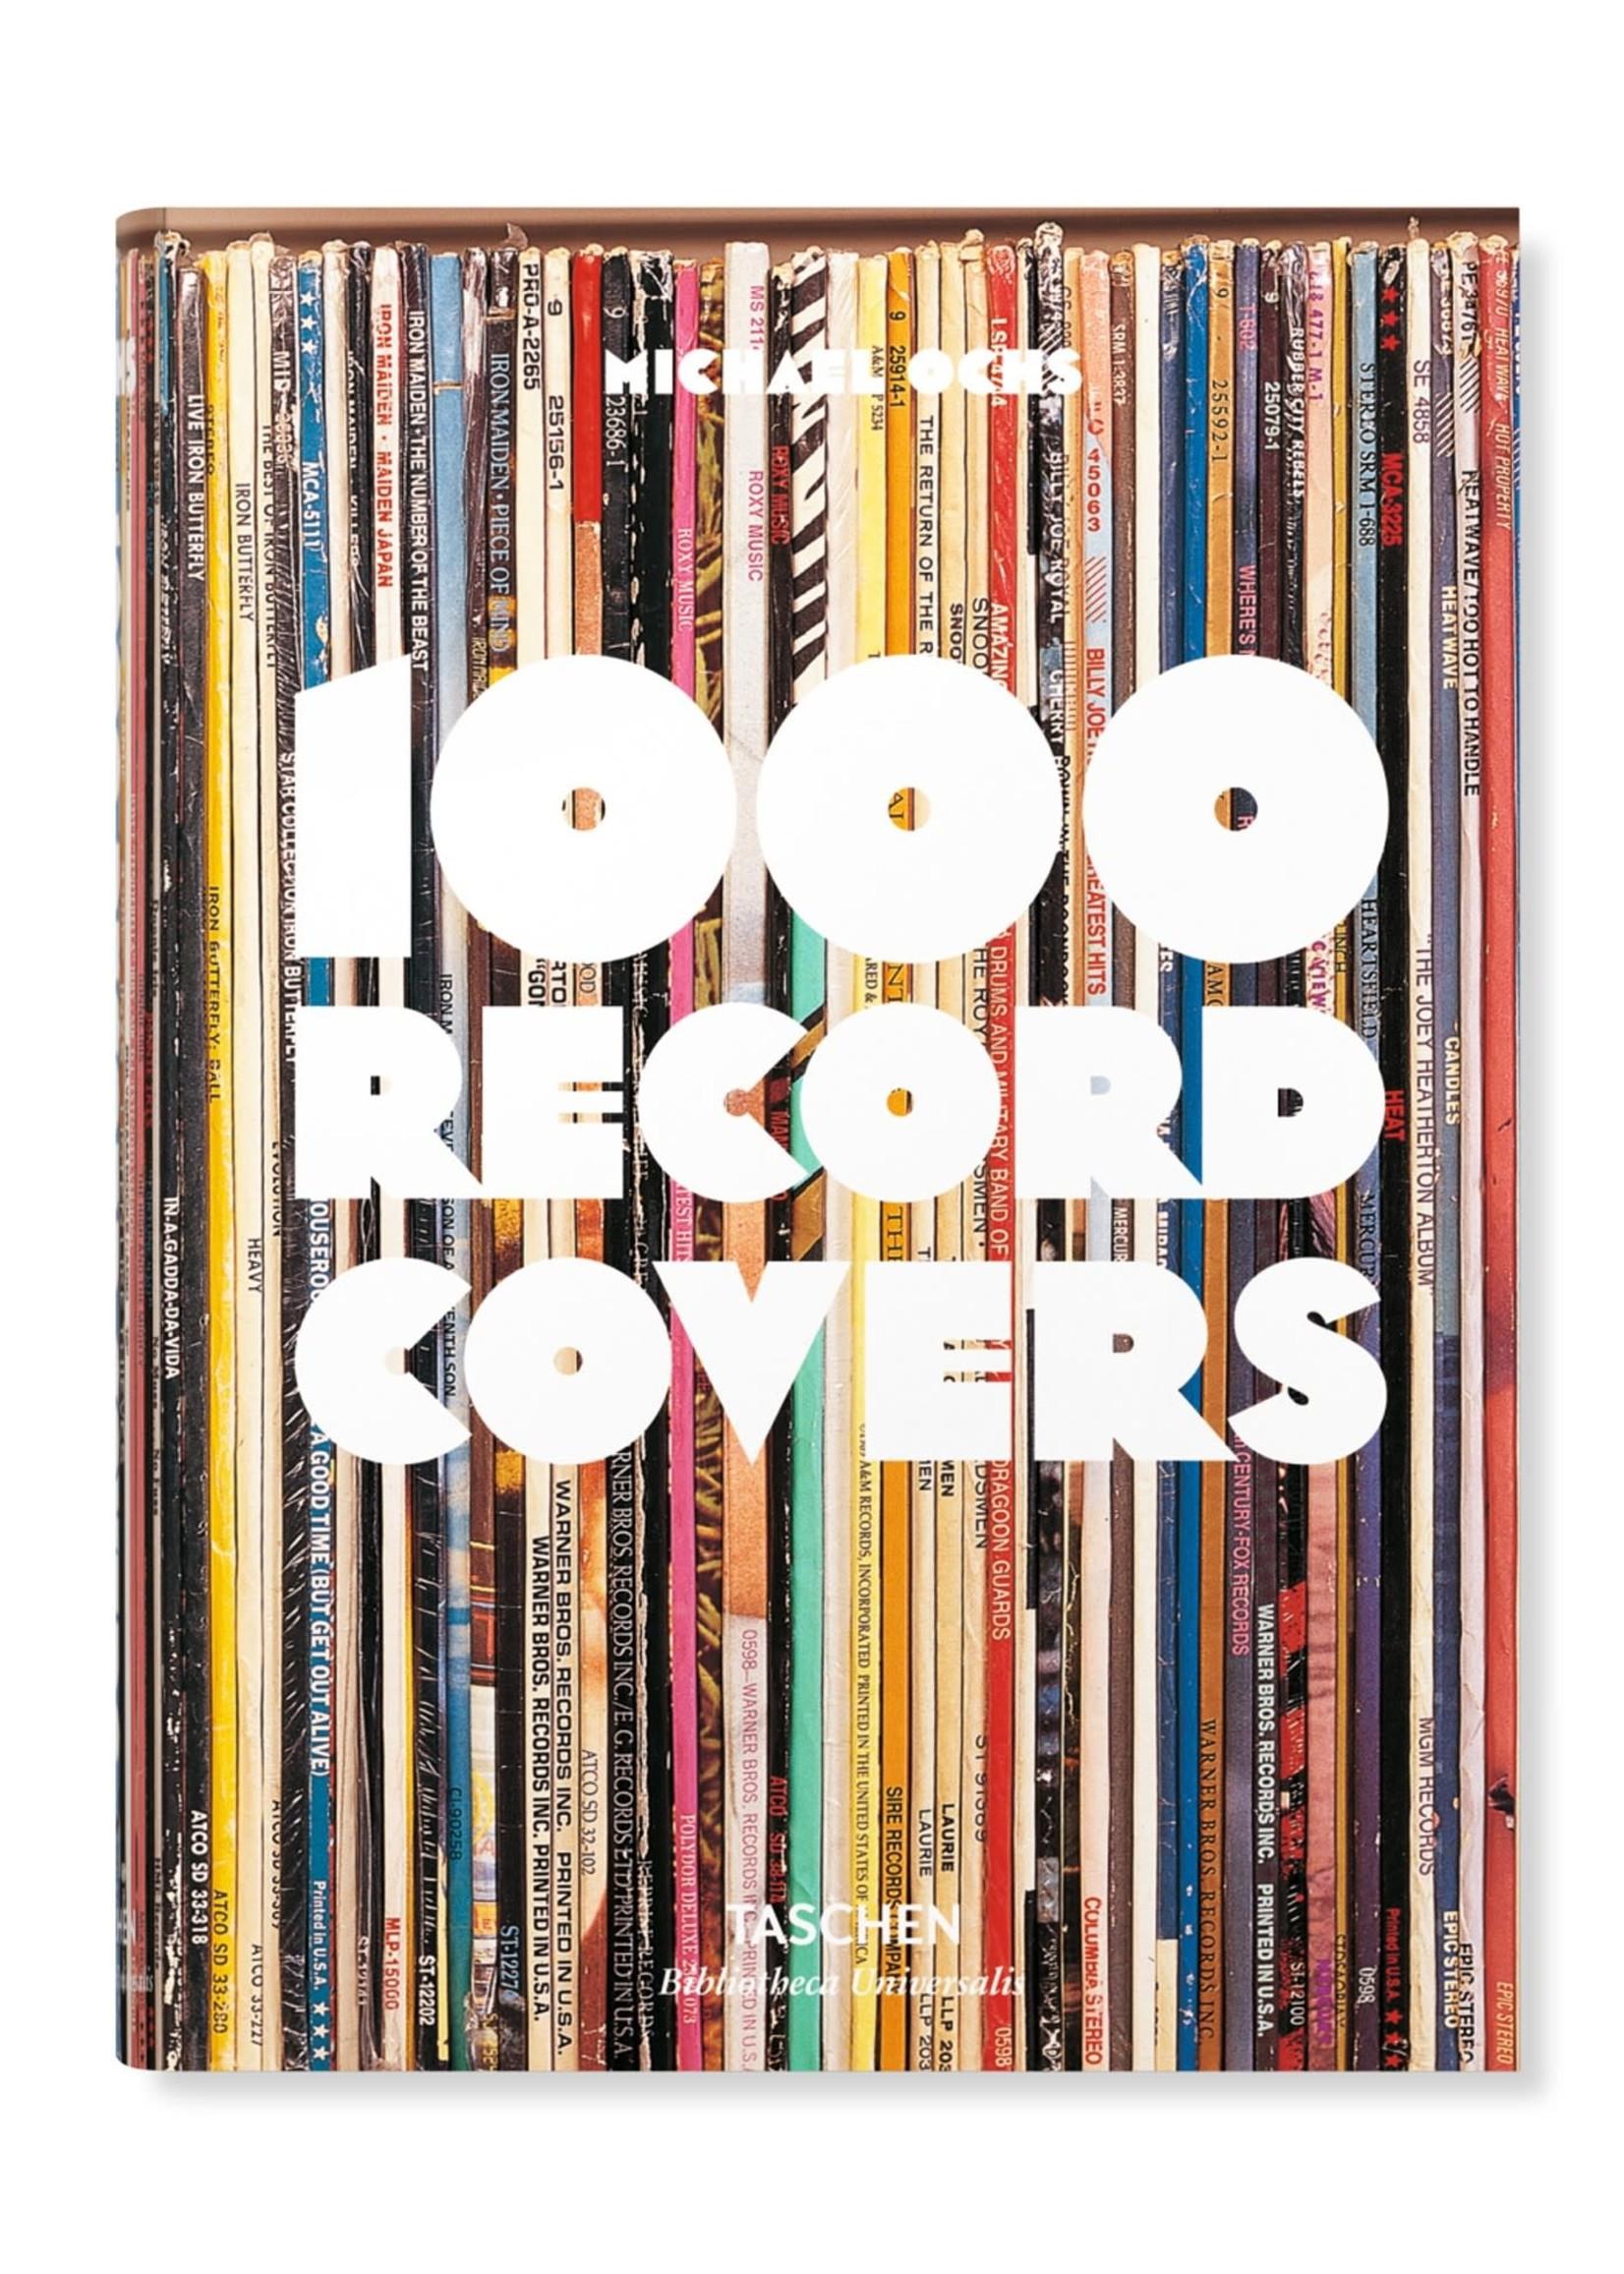 Taschen Taschen Record Covers HC